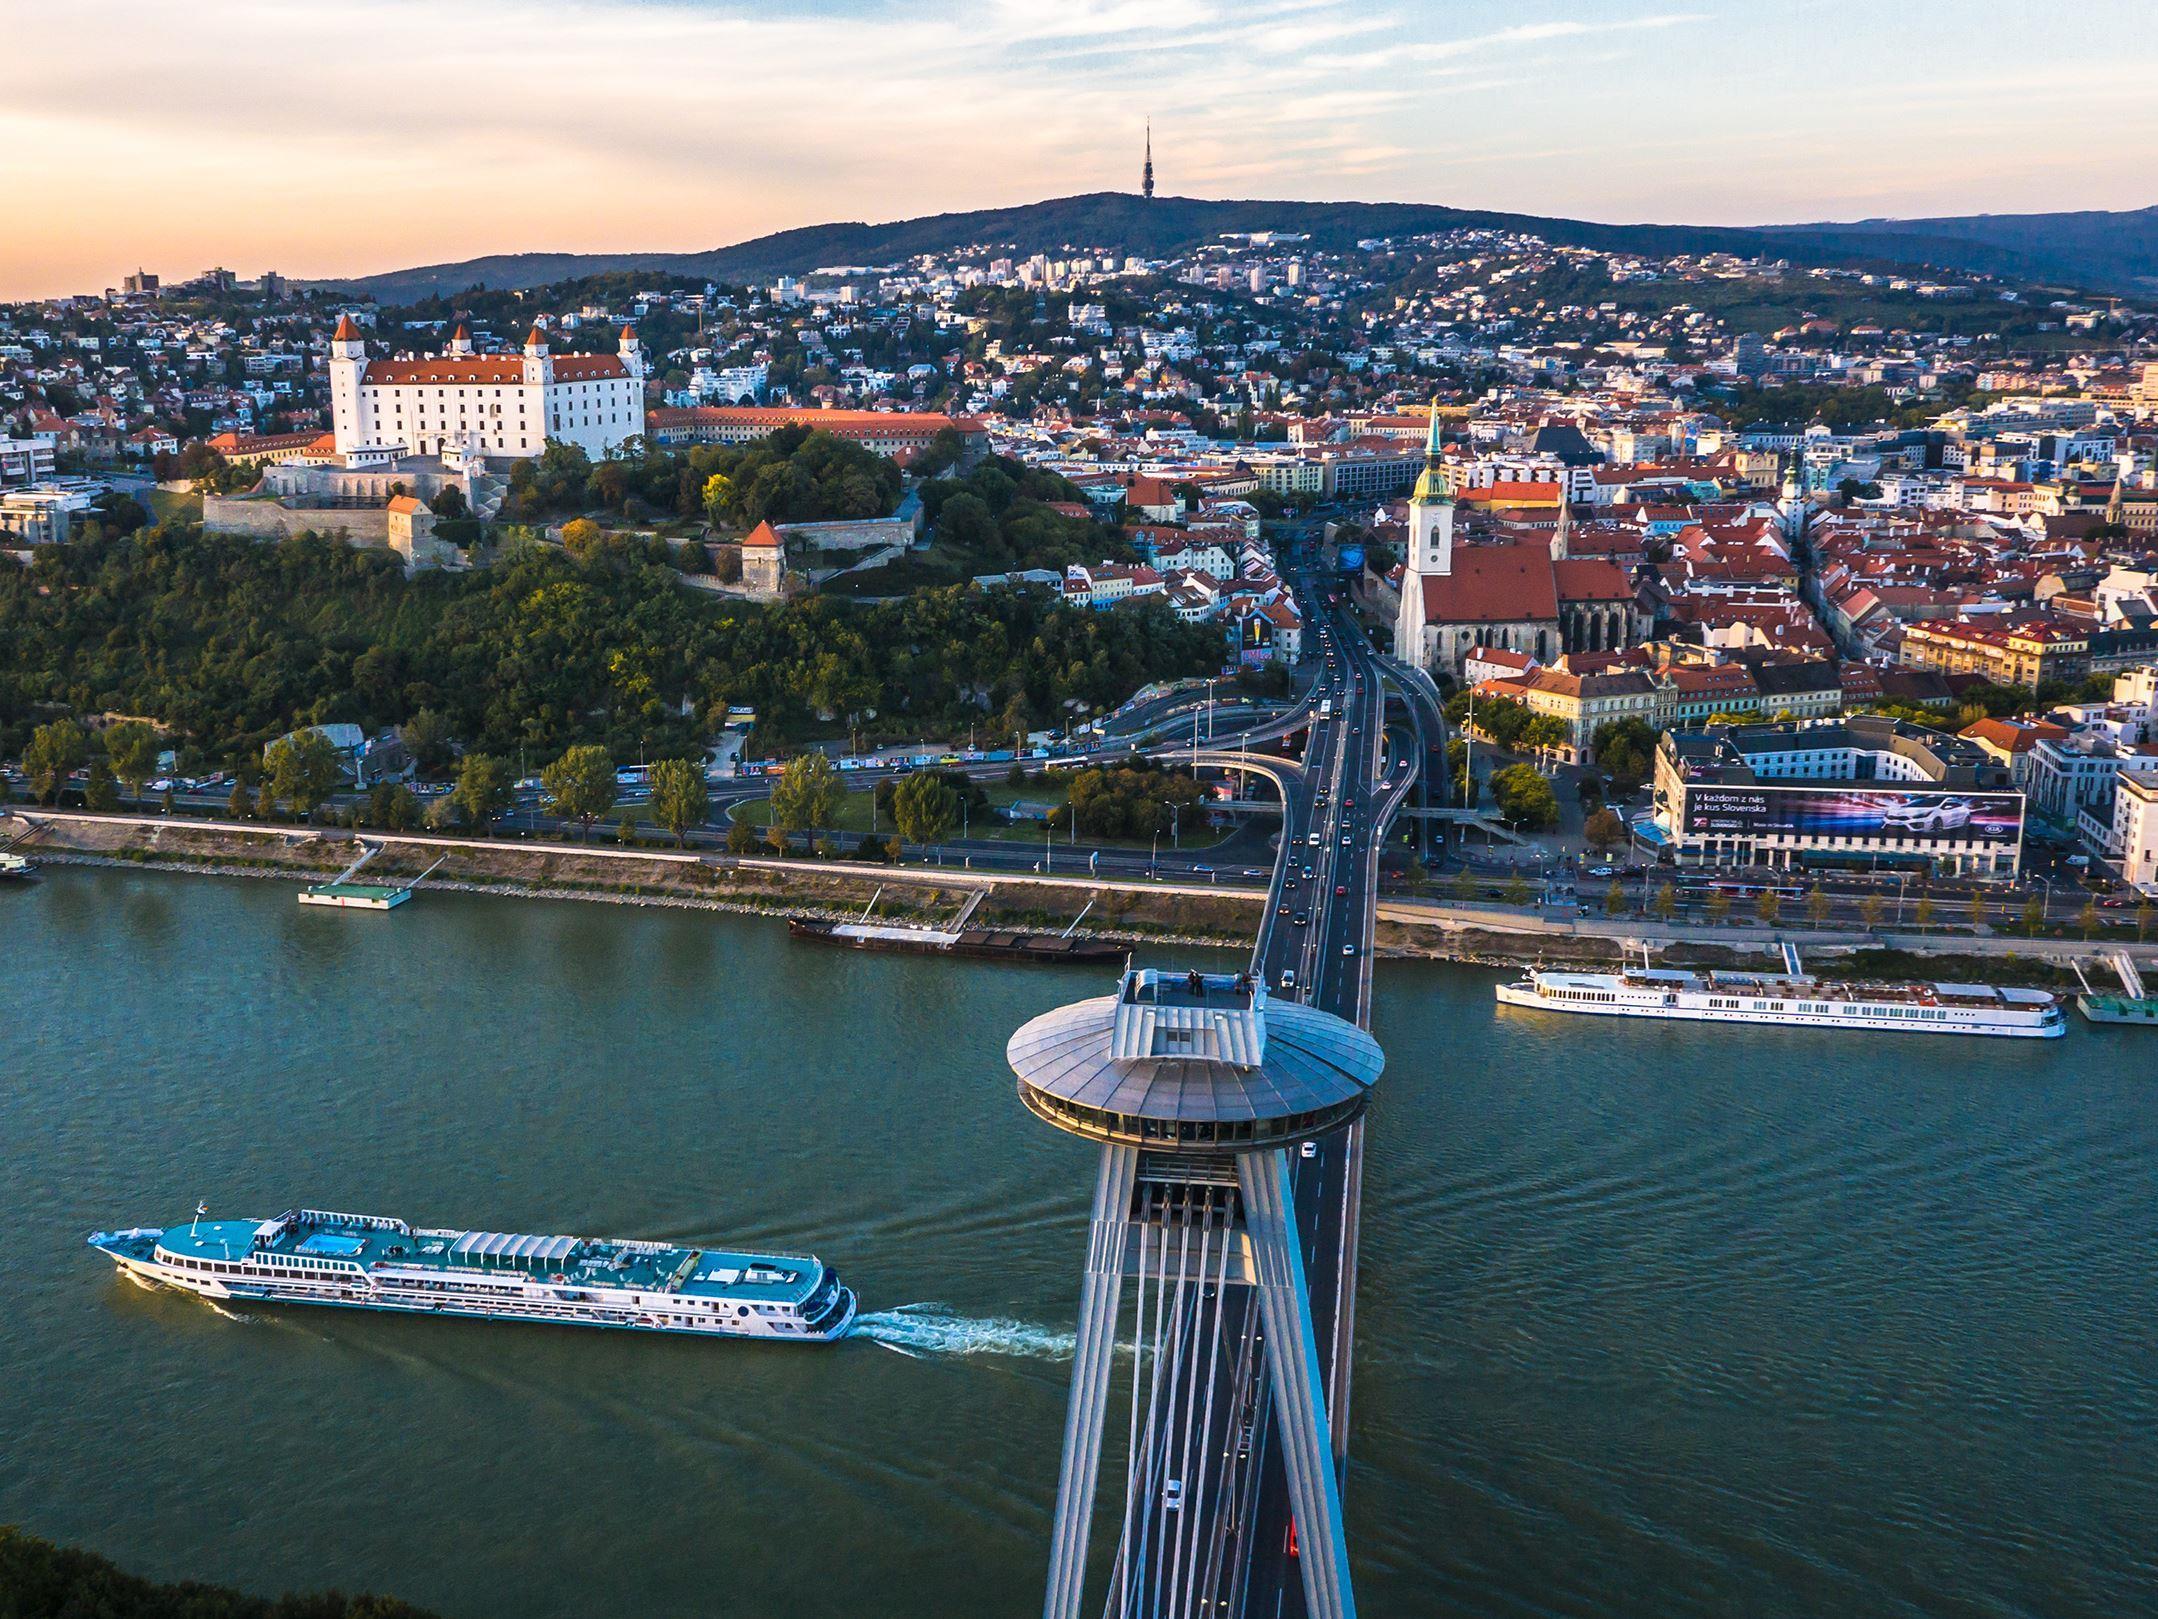 Baştan Başa Orta Avrupa 21 & 28 Haziran 2020 Hareket